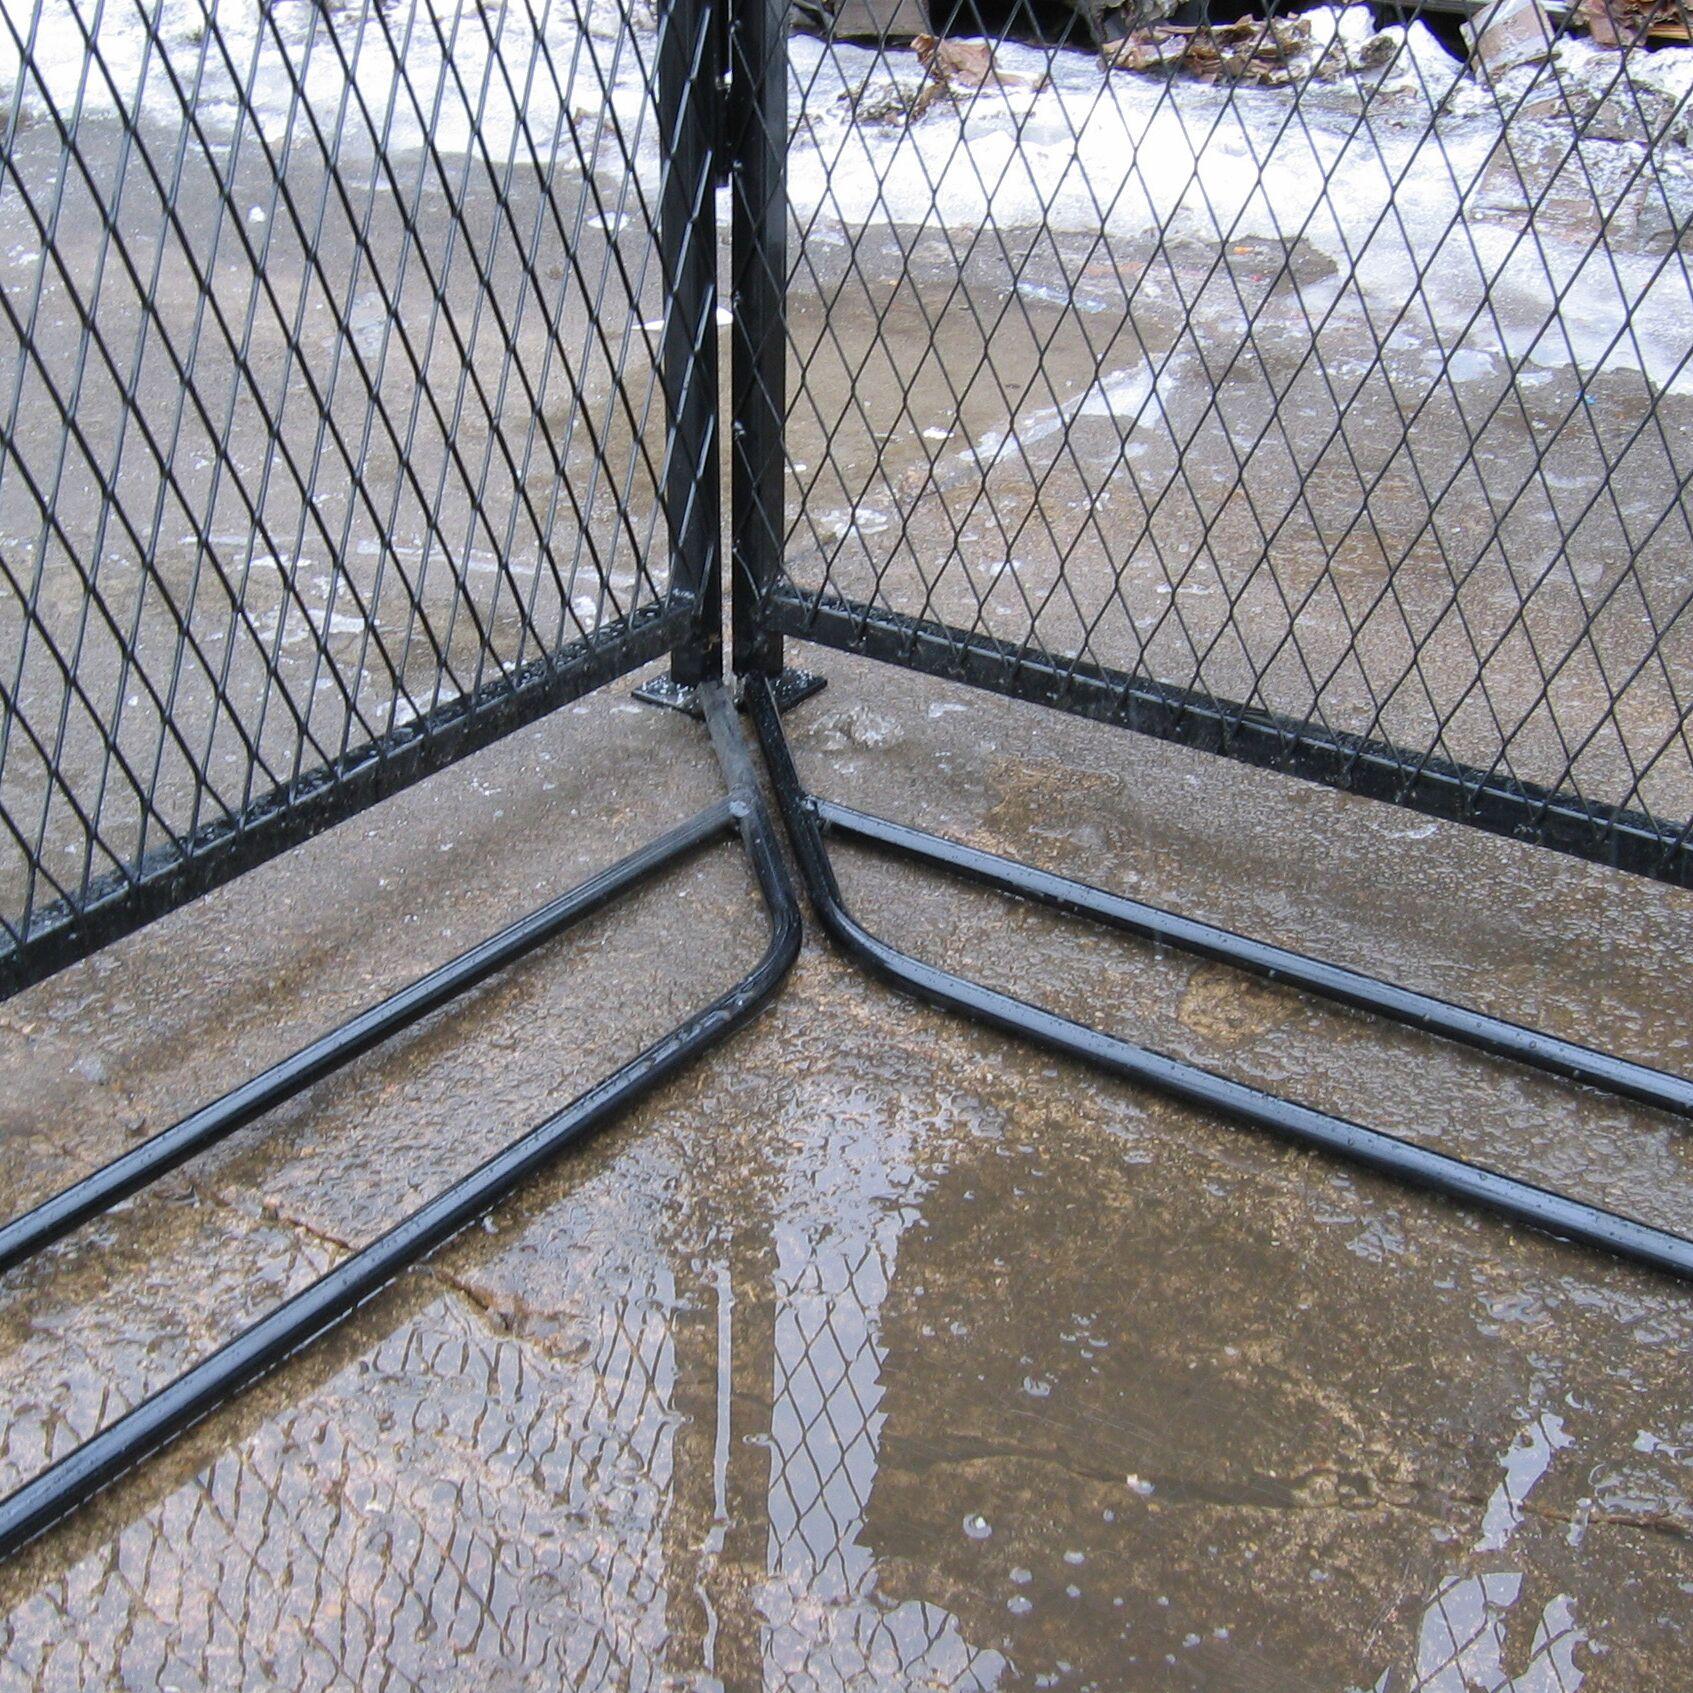 Allie Yard Kennel Digging Prevention System Size: 0.5